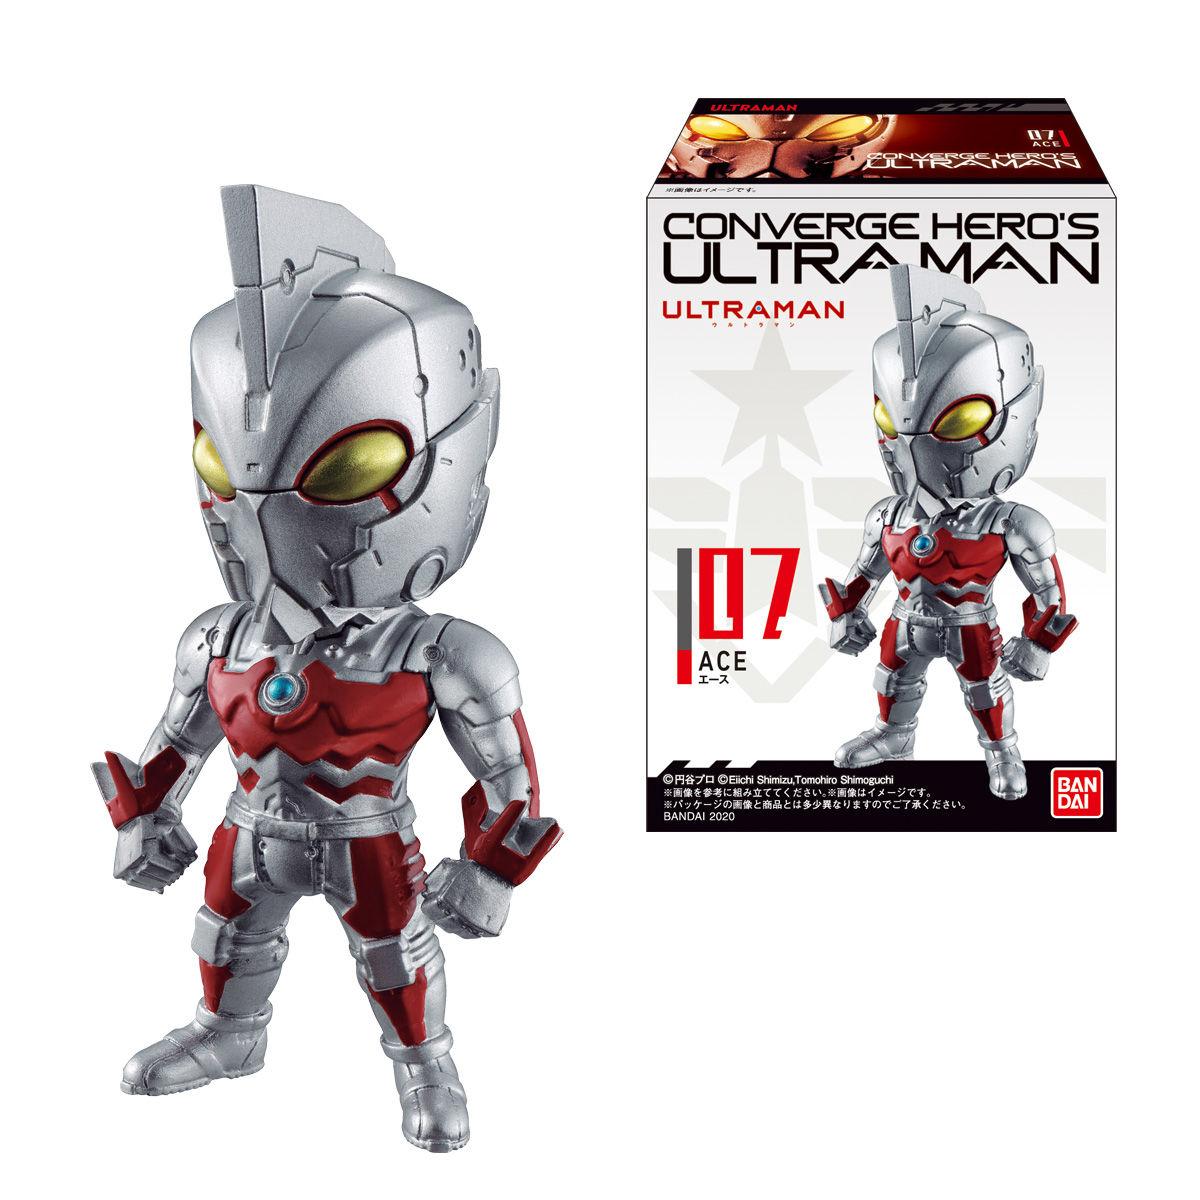 CONVERGE HERO'S ULTRAMAN 02_0